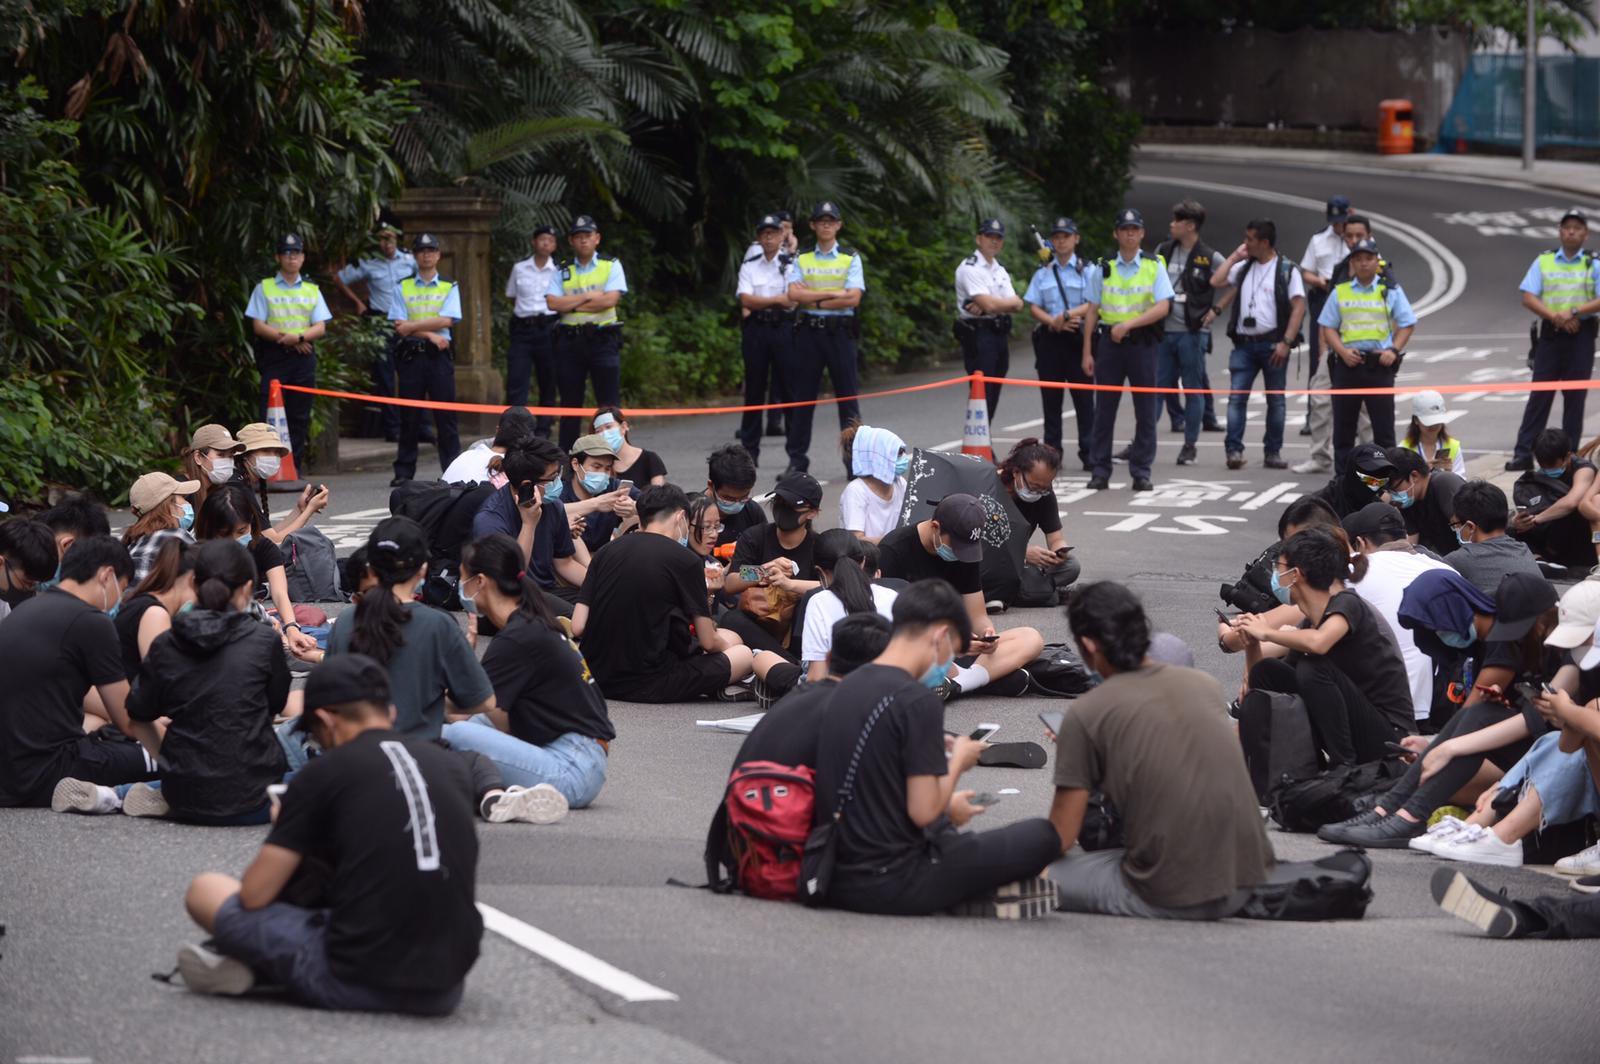 仍有逾百名示威者聚集,他們席地而坐。